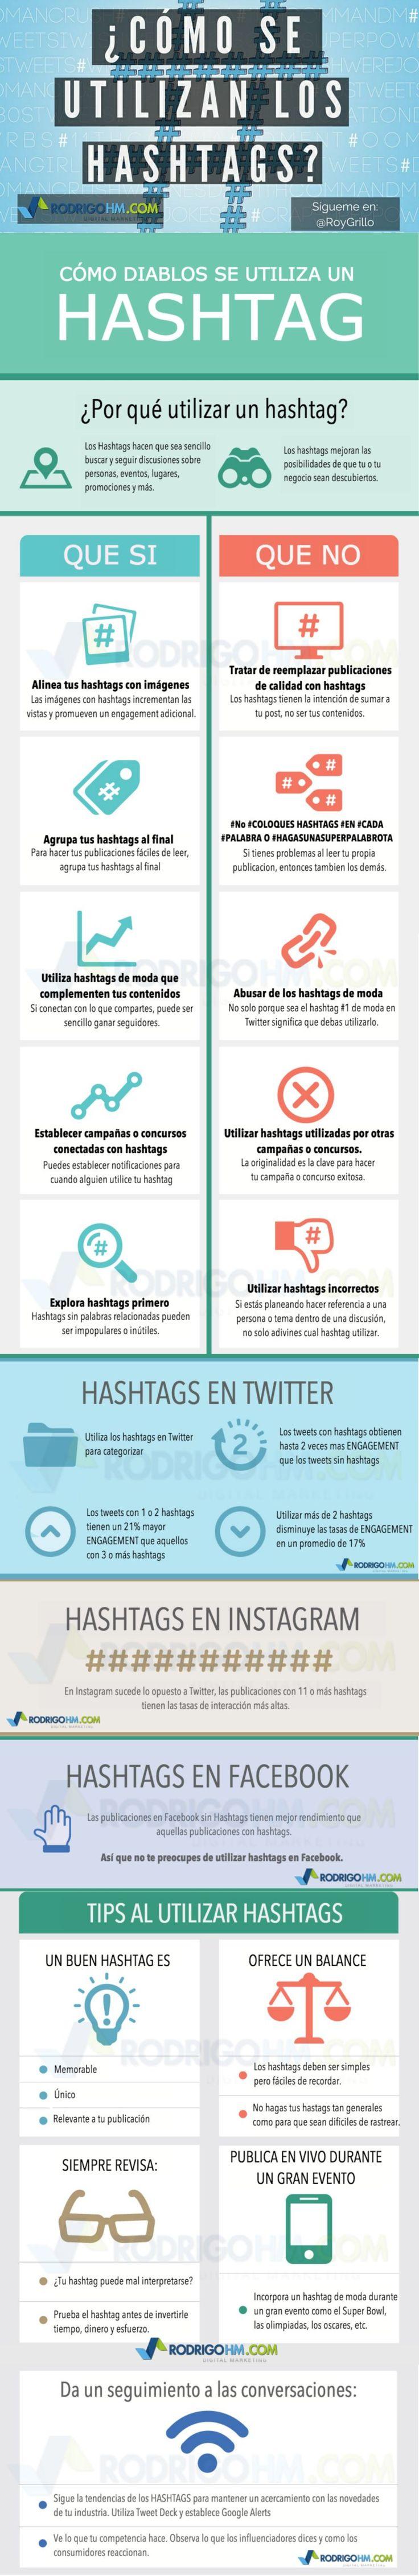 Redes Sociales: cómo usar los hashtags #infografia #infographic #socialmedia Leia os nossos artigos sobre Marketing Digital no Blog Estratégia Digital em http://www.estrategiadigital.pt/category/marketing-digital/